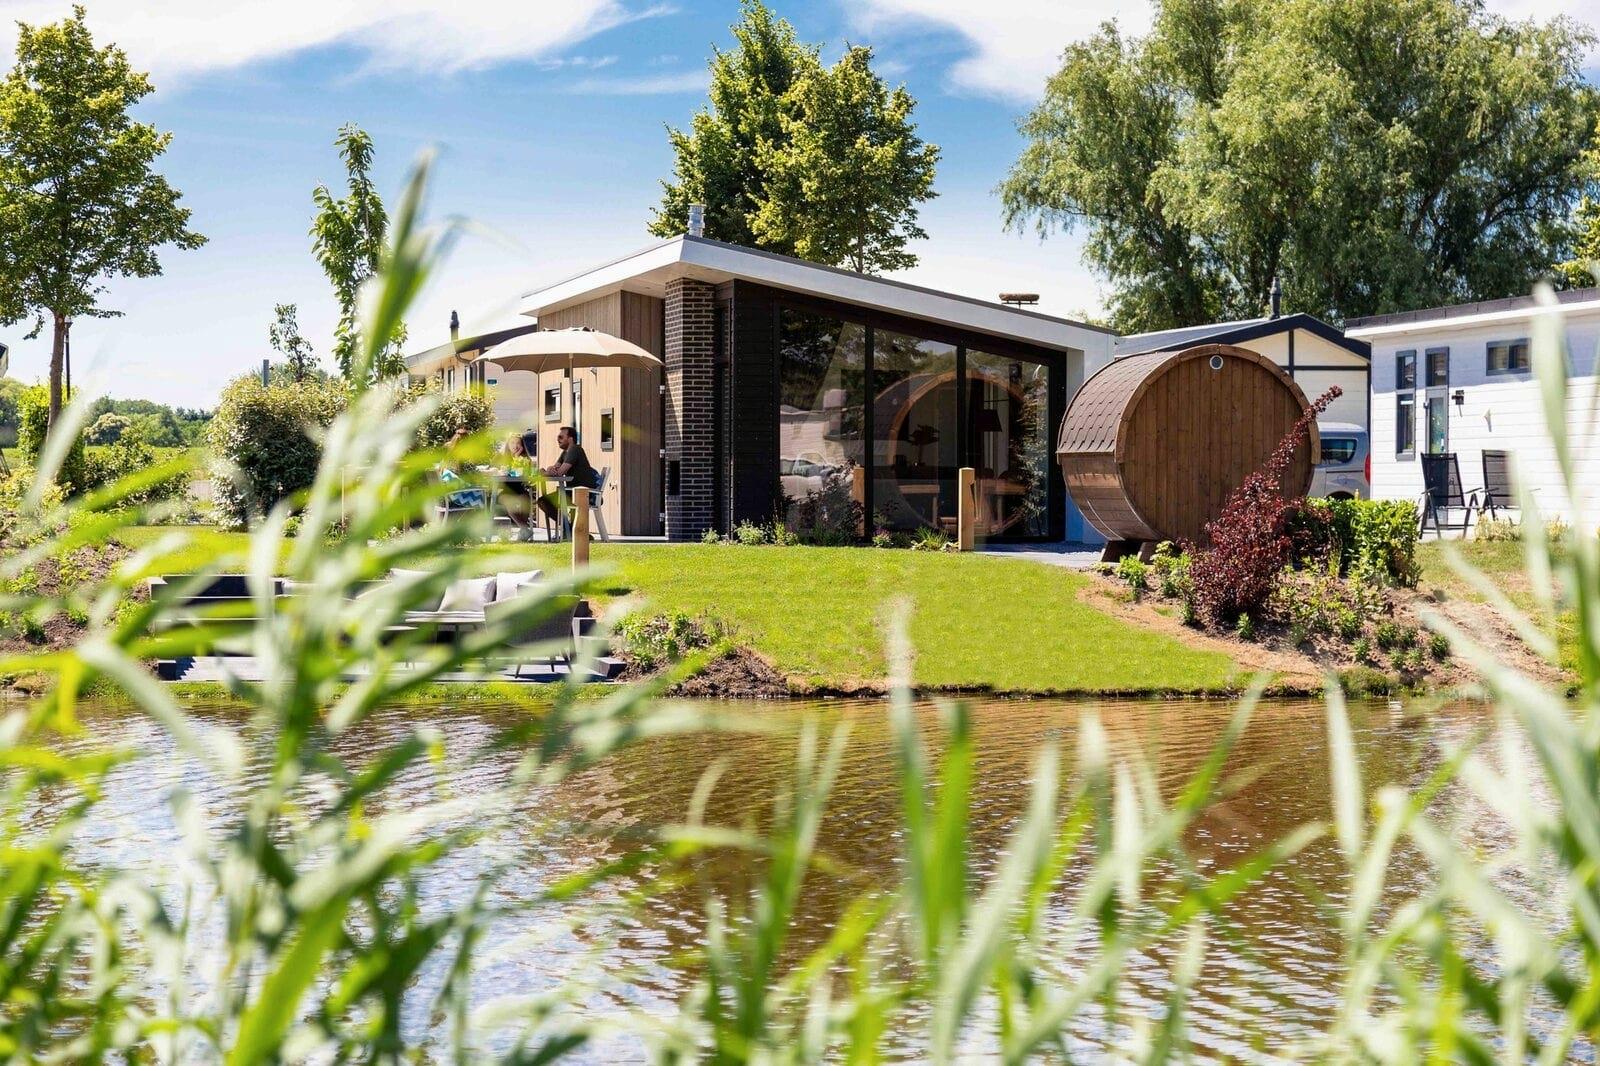 Supertrips - Deluxe wellnesshuis in Gelderland